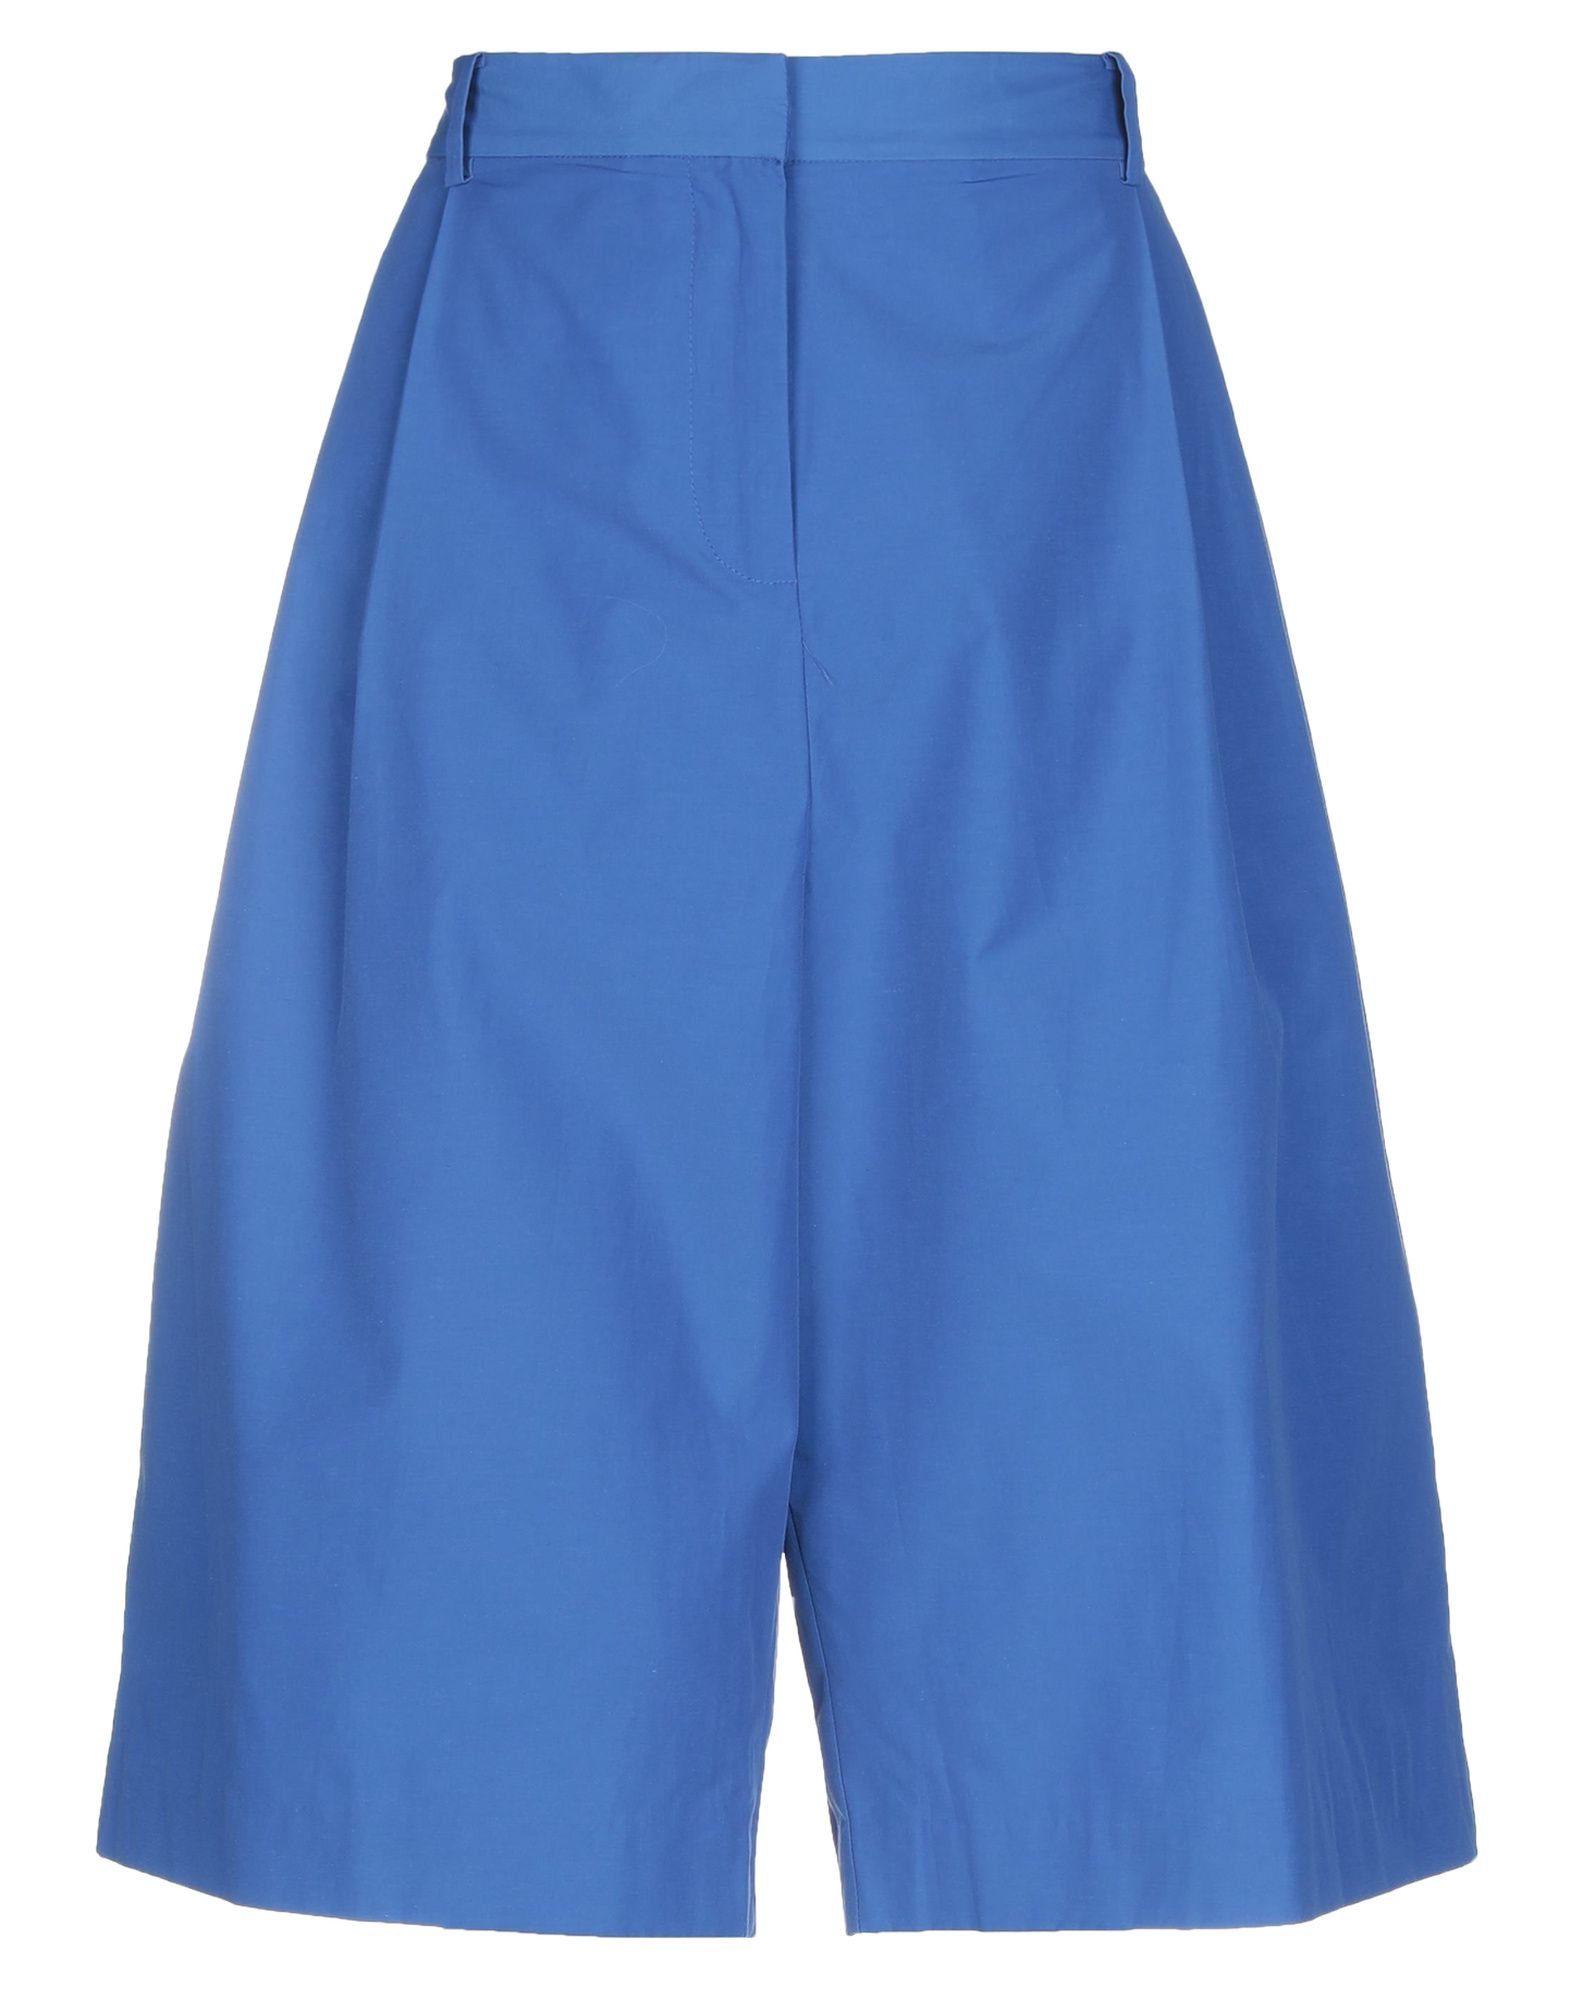 2bb5f950a392 Брендовая женская одежда и аксессуары - сток Itsunsolutions